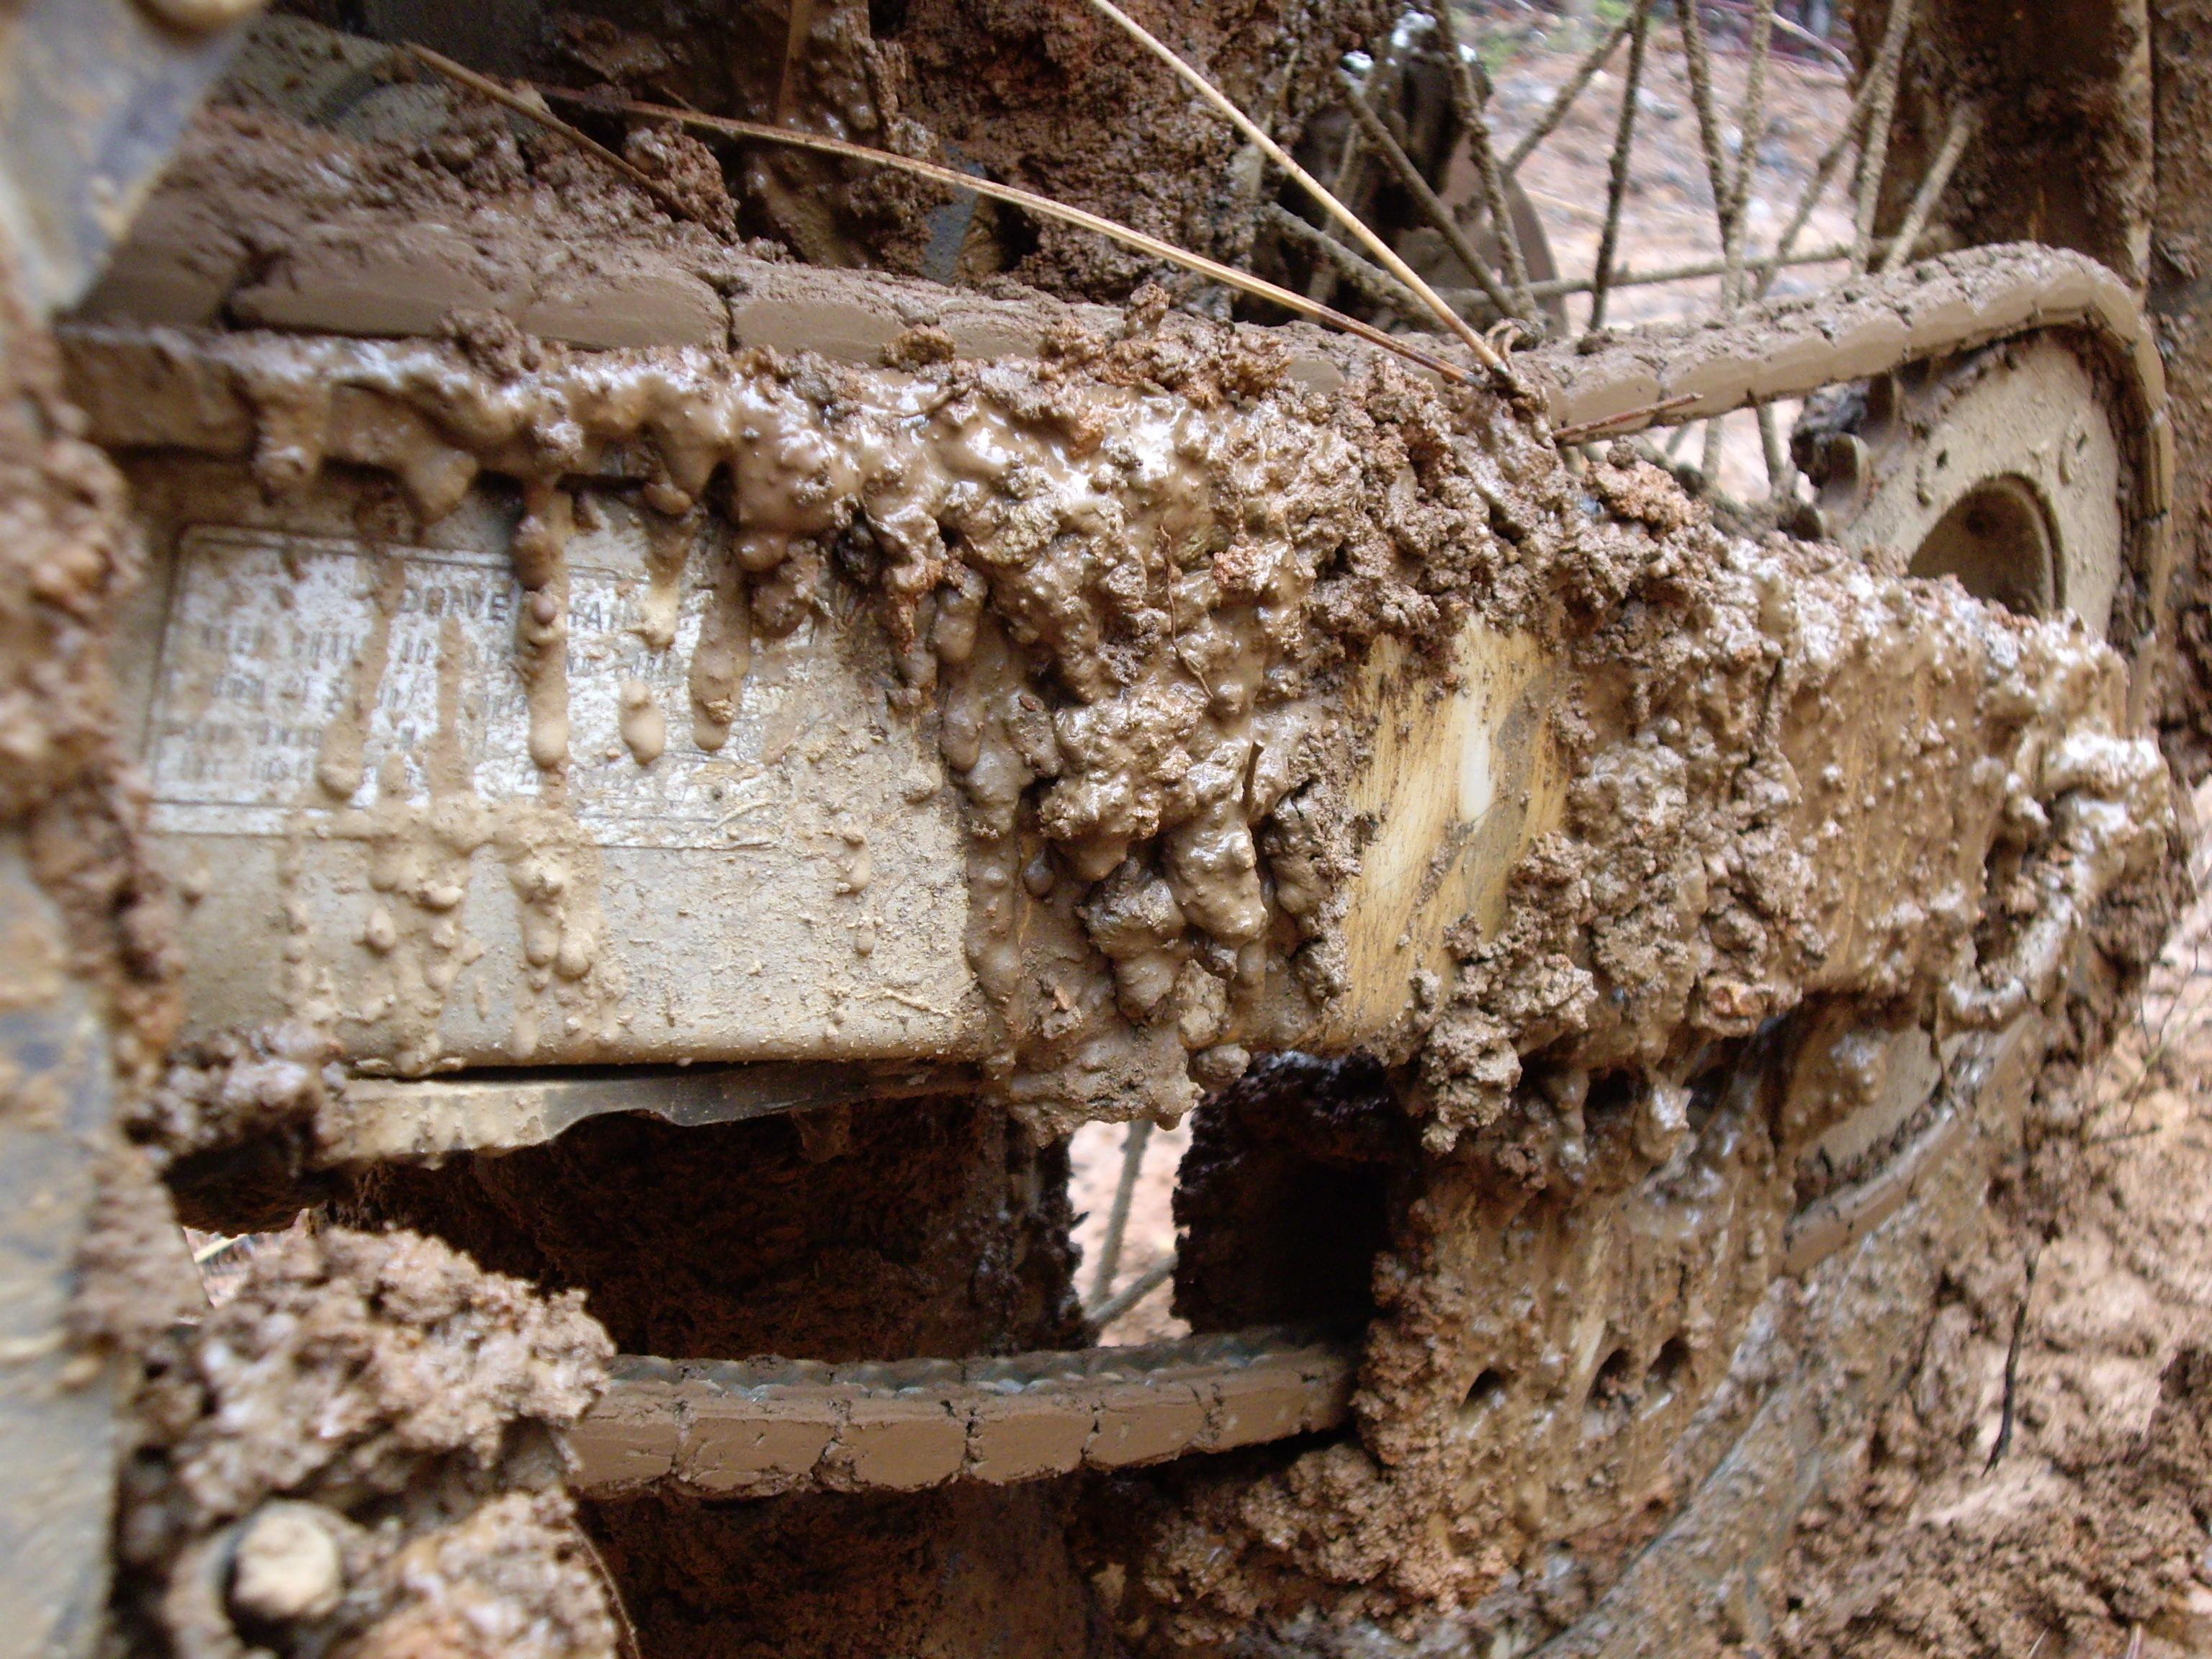 Muddy Chain